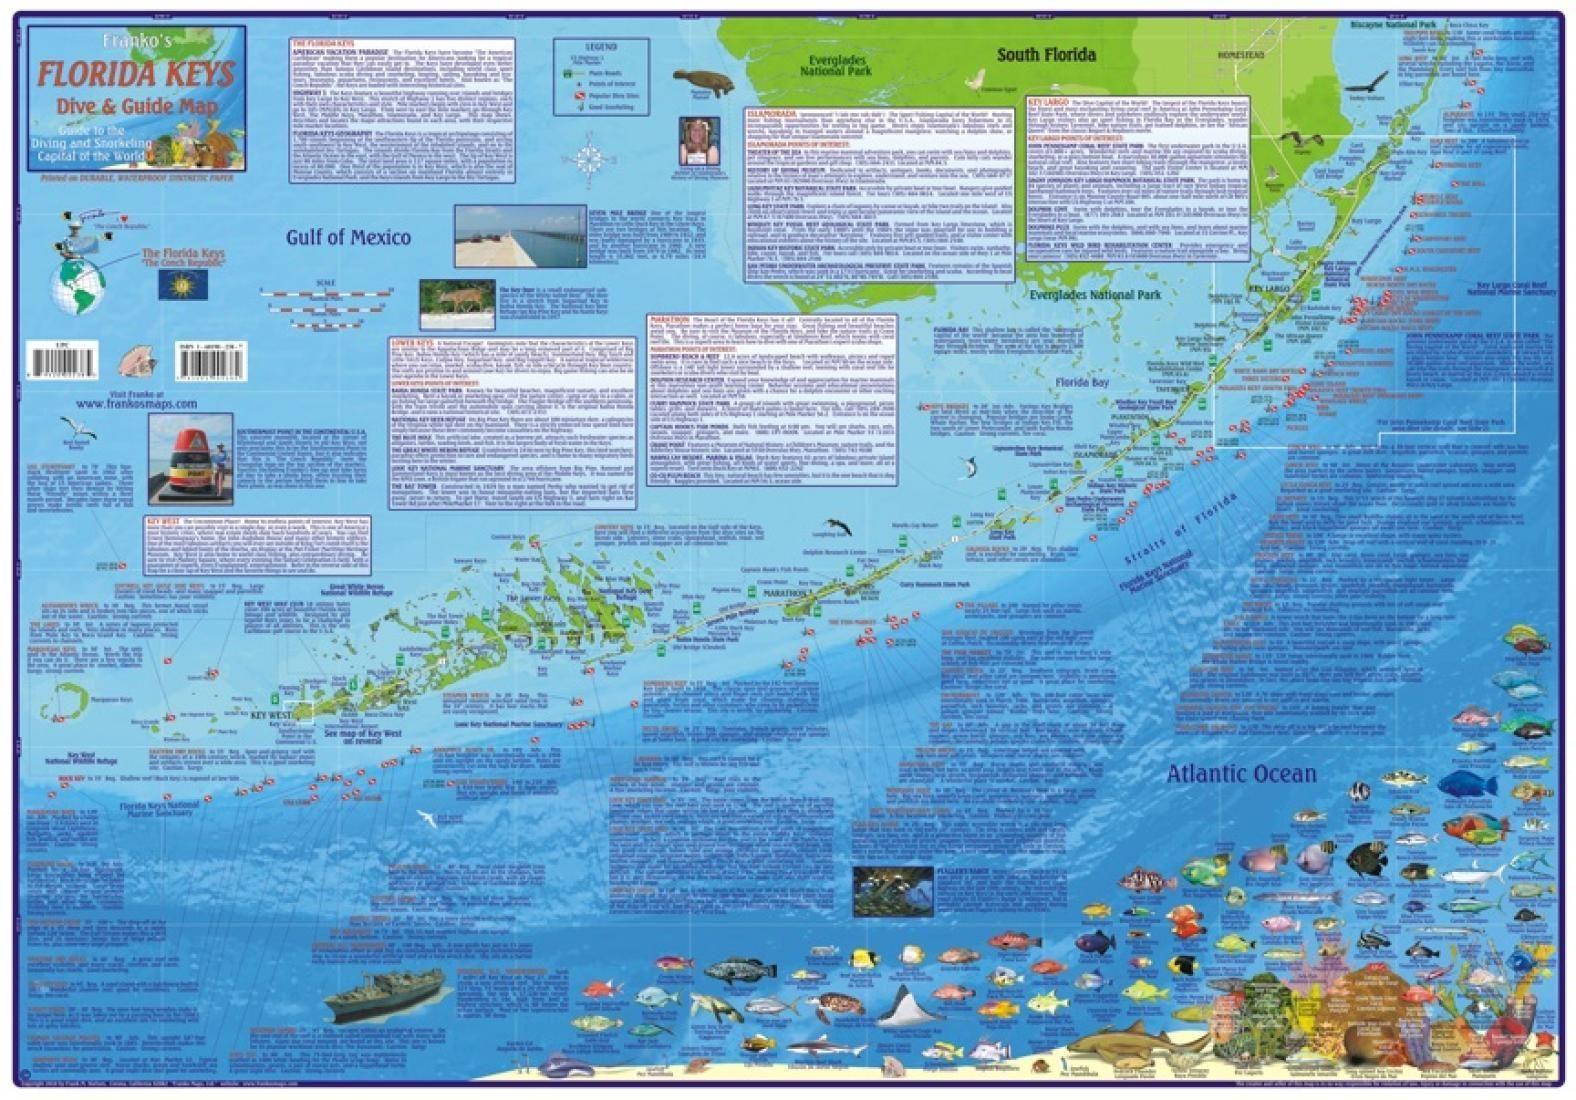 Florida Map, Florida Keys Guide And Dive,laminated, 2010Frankos - Florida Keys Snorkeling Map